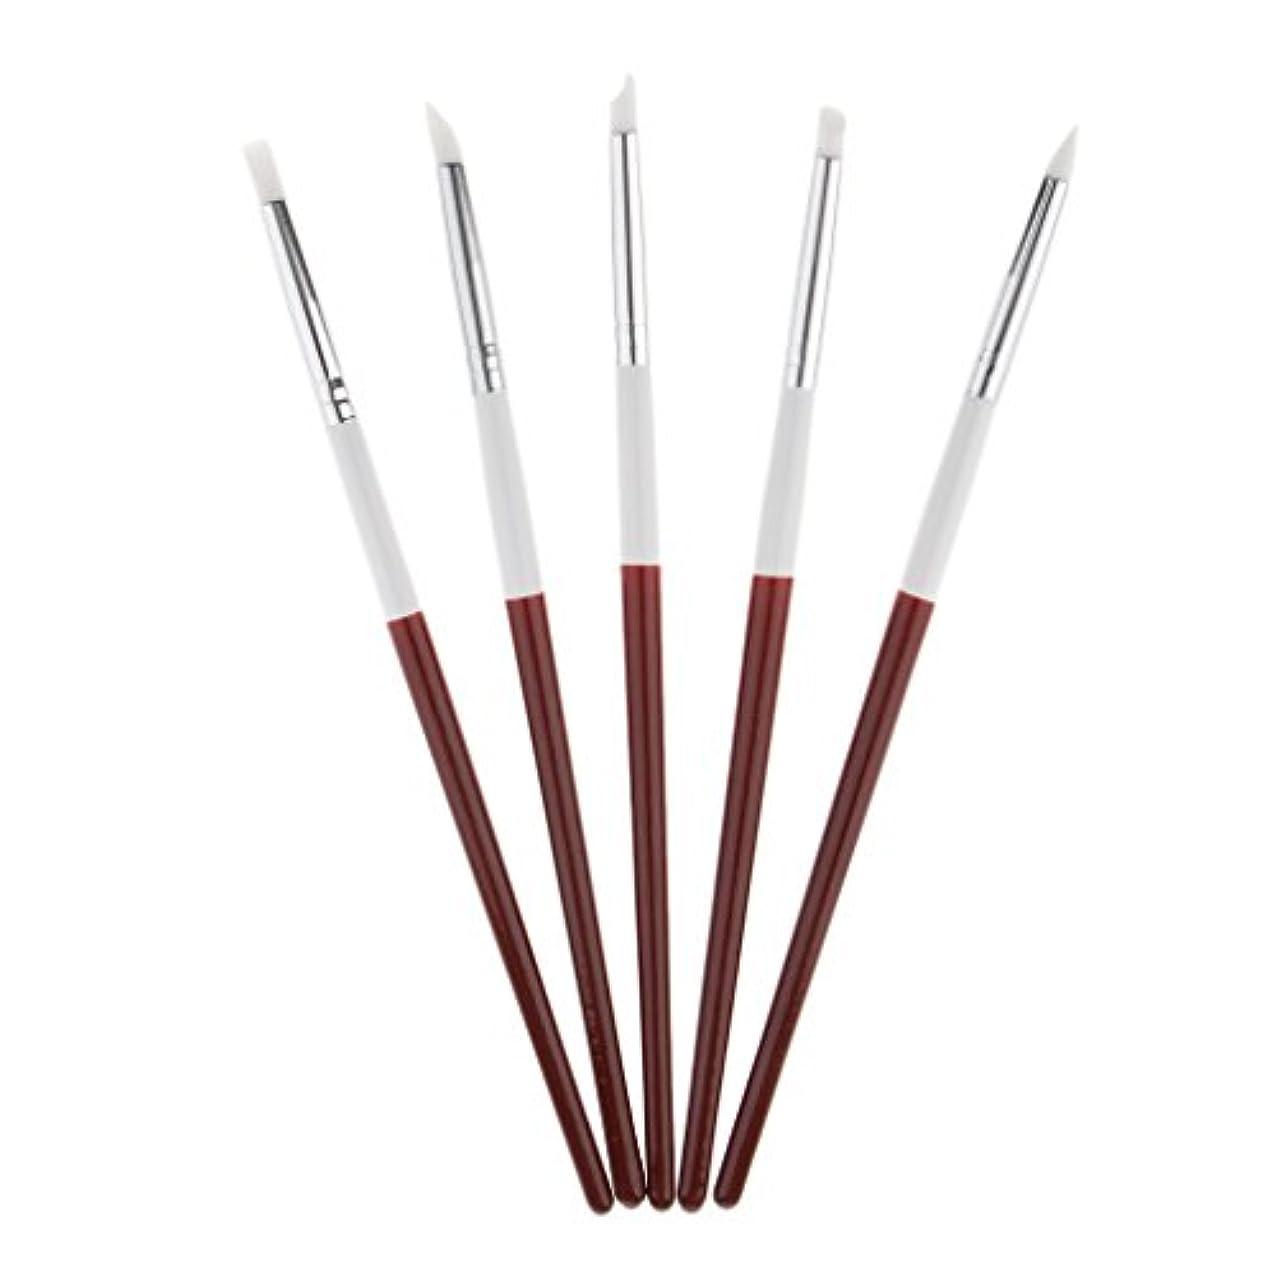 消毒するボアより多い5本 ネイルアートペン ネイルブラシ ネイル ブラシ 絵画 彫刻ペン シリコンヘッド 3タイプ選べる - 18.5cm